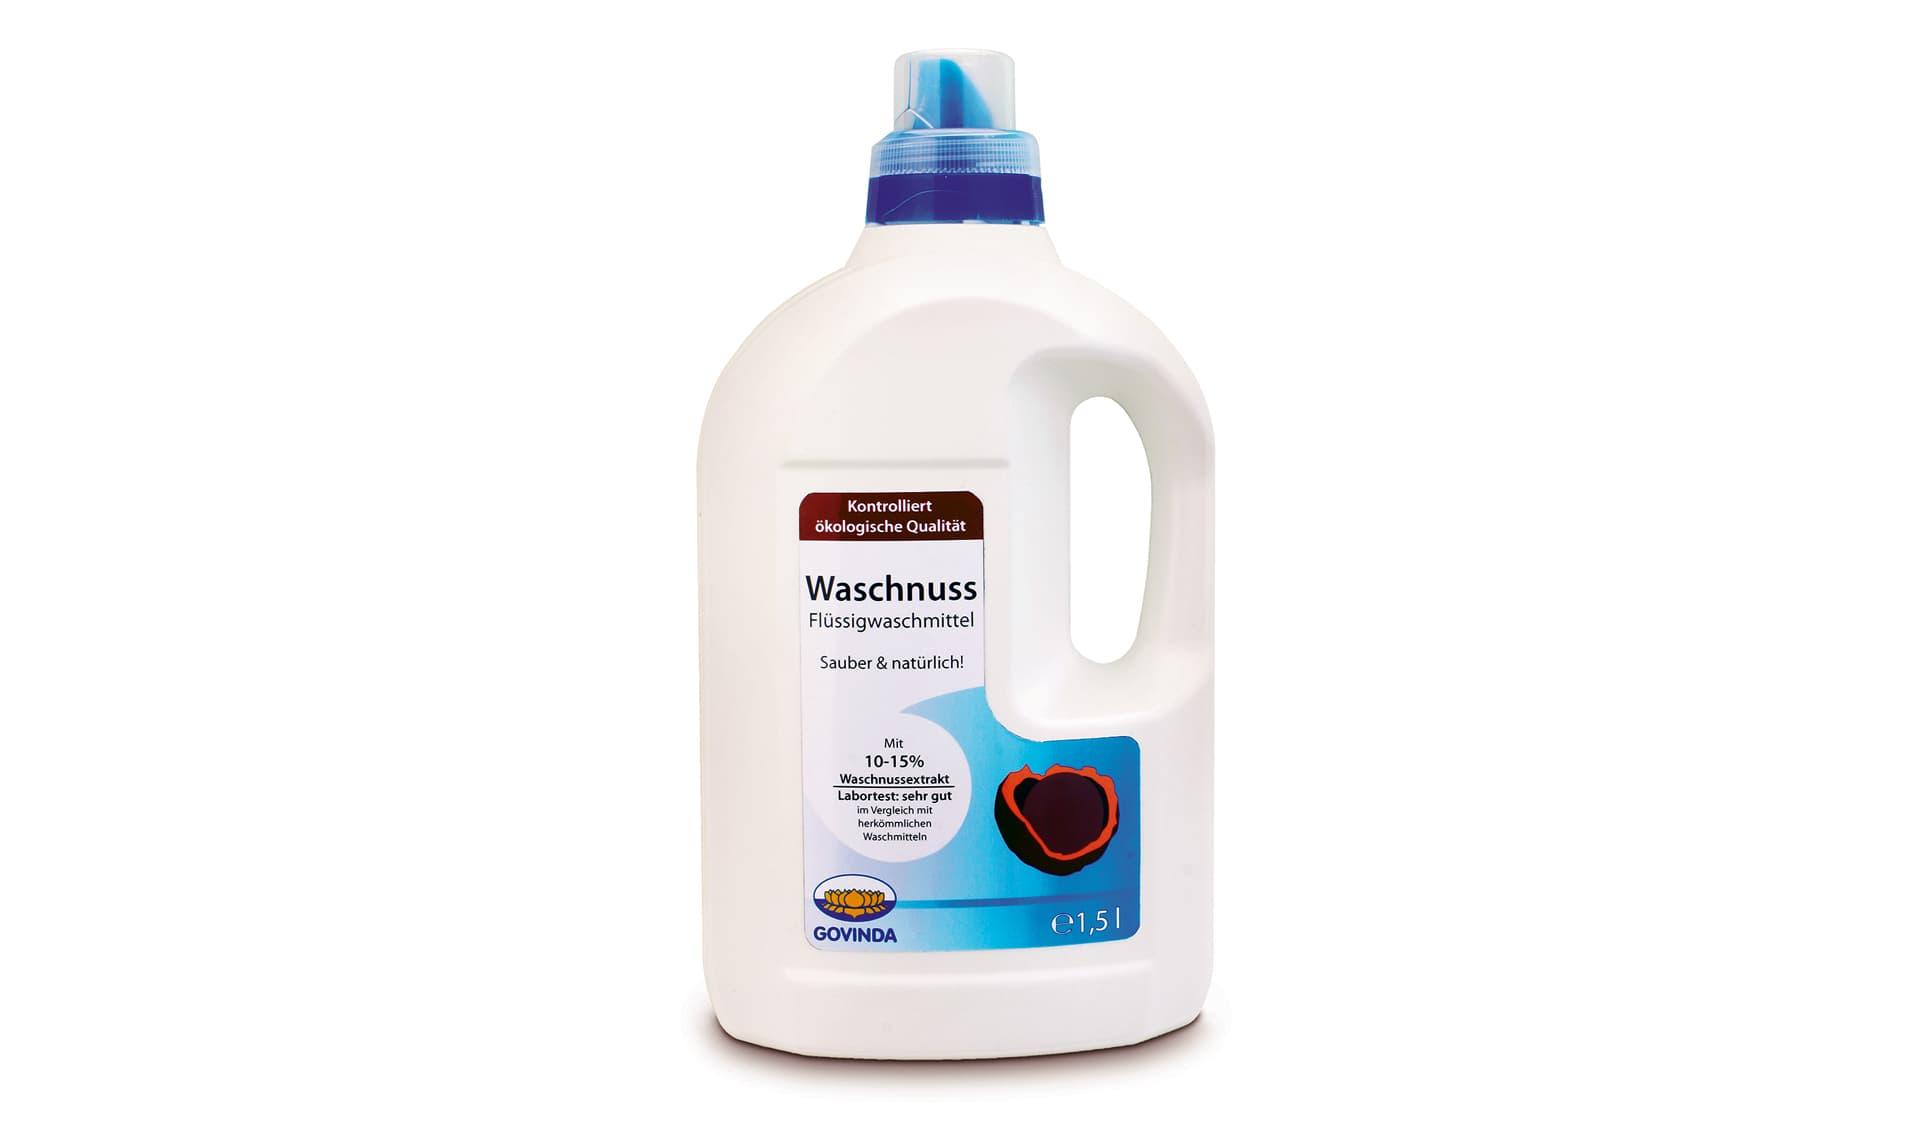 Govinda (www.govinda-natur.de) Waschnuss-Flüssigwaschmittel